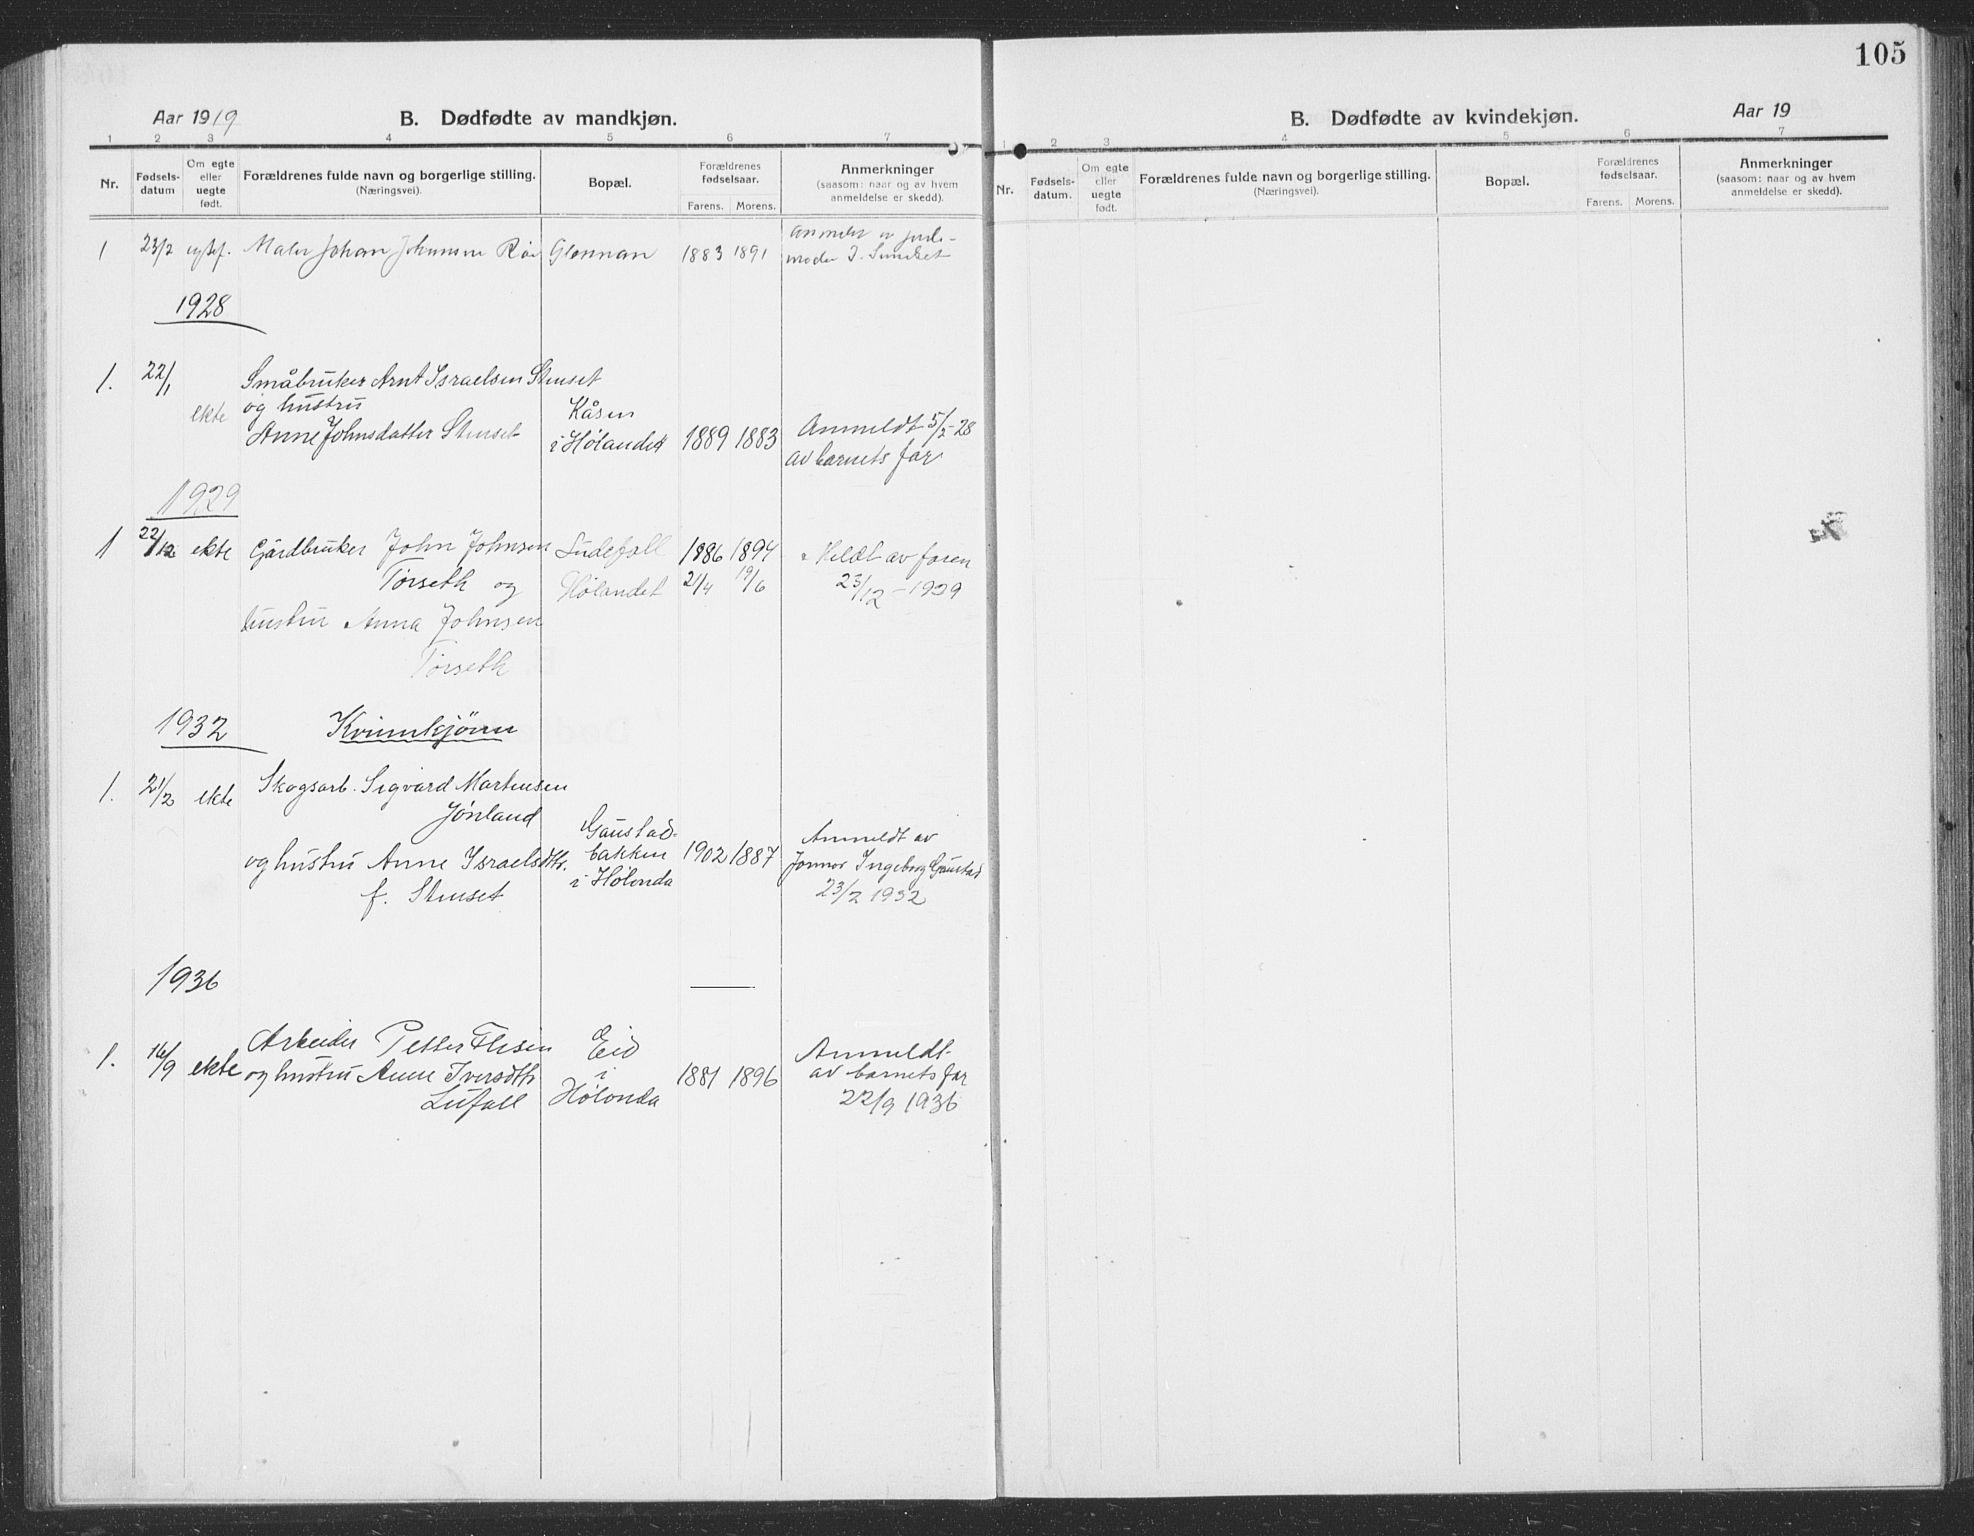 SAT, Ministerialprotokoller, klokkerbøker og fødselsregistre - Sør-Trøndelag, 694/L1134: Klokkerbok nr. 694C06, 1915-1937, s. 105